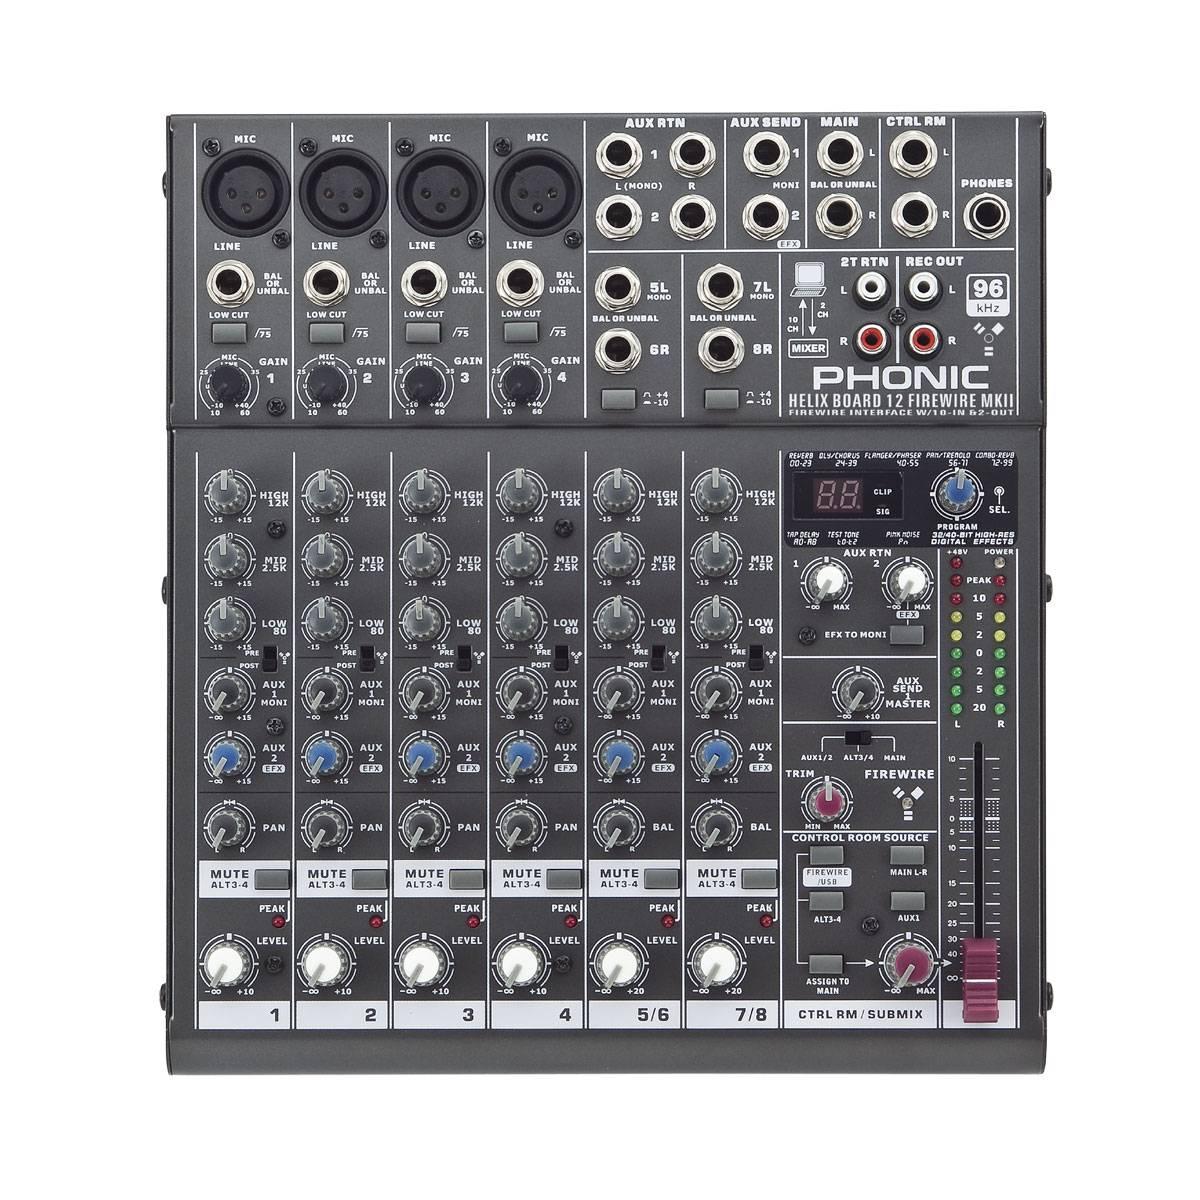 Phonic Helix Board 12 Universal Firewire Mixer